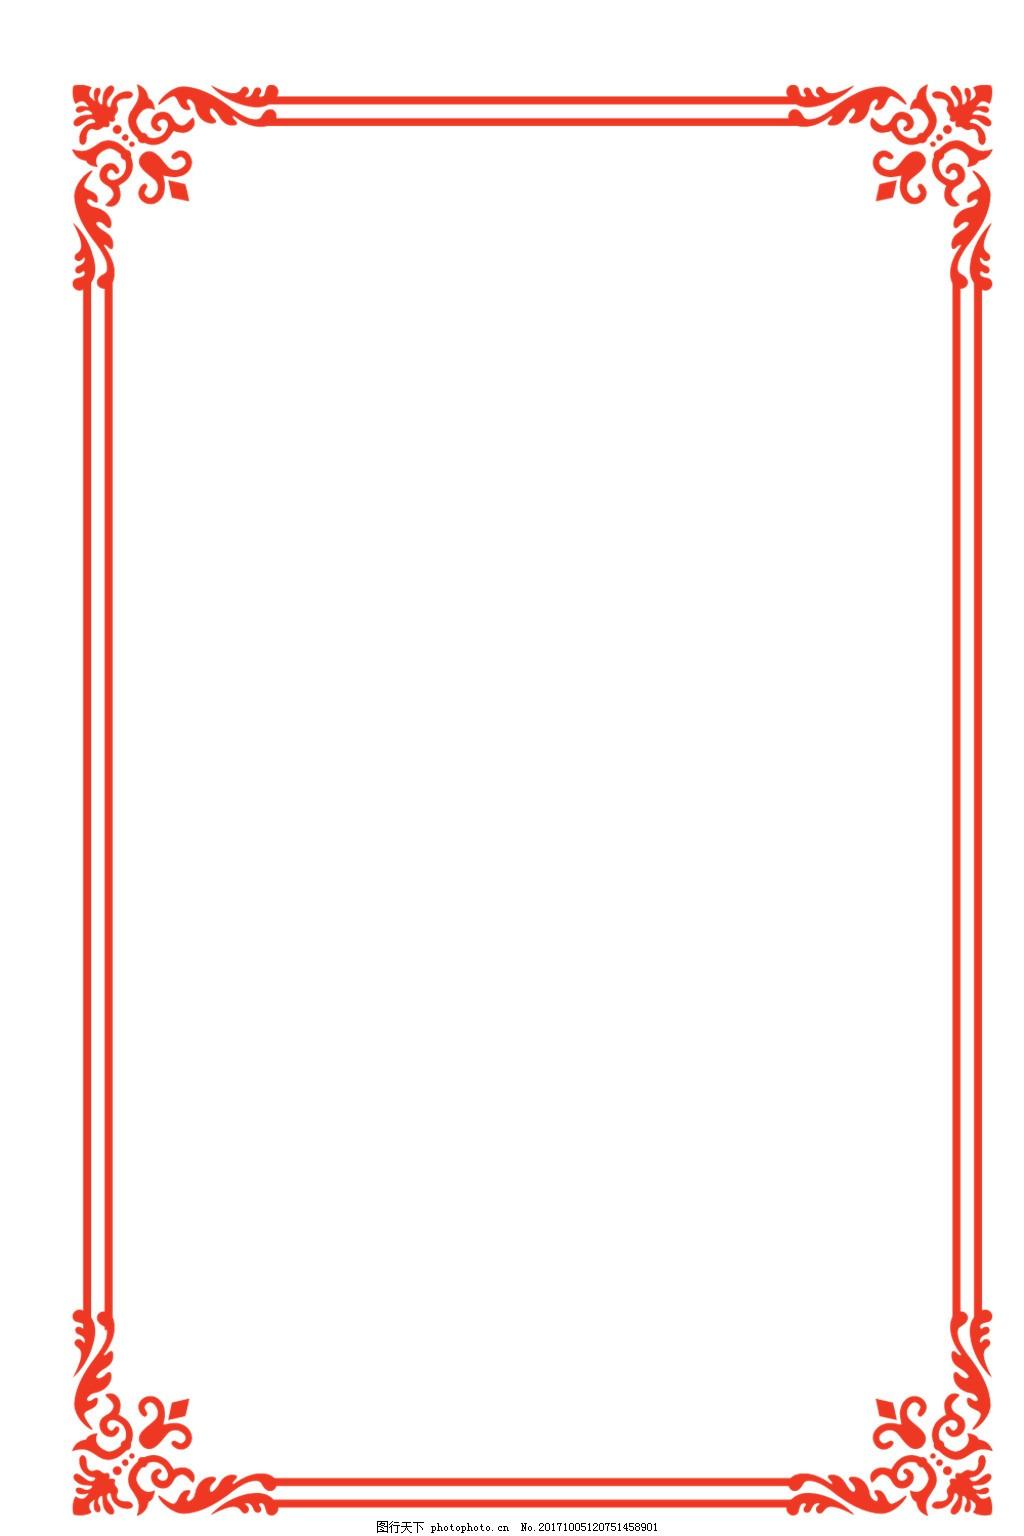 中国风红色花边边框图案元素